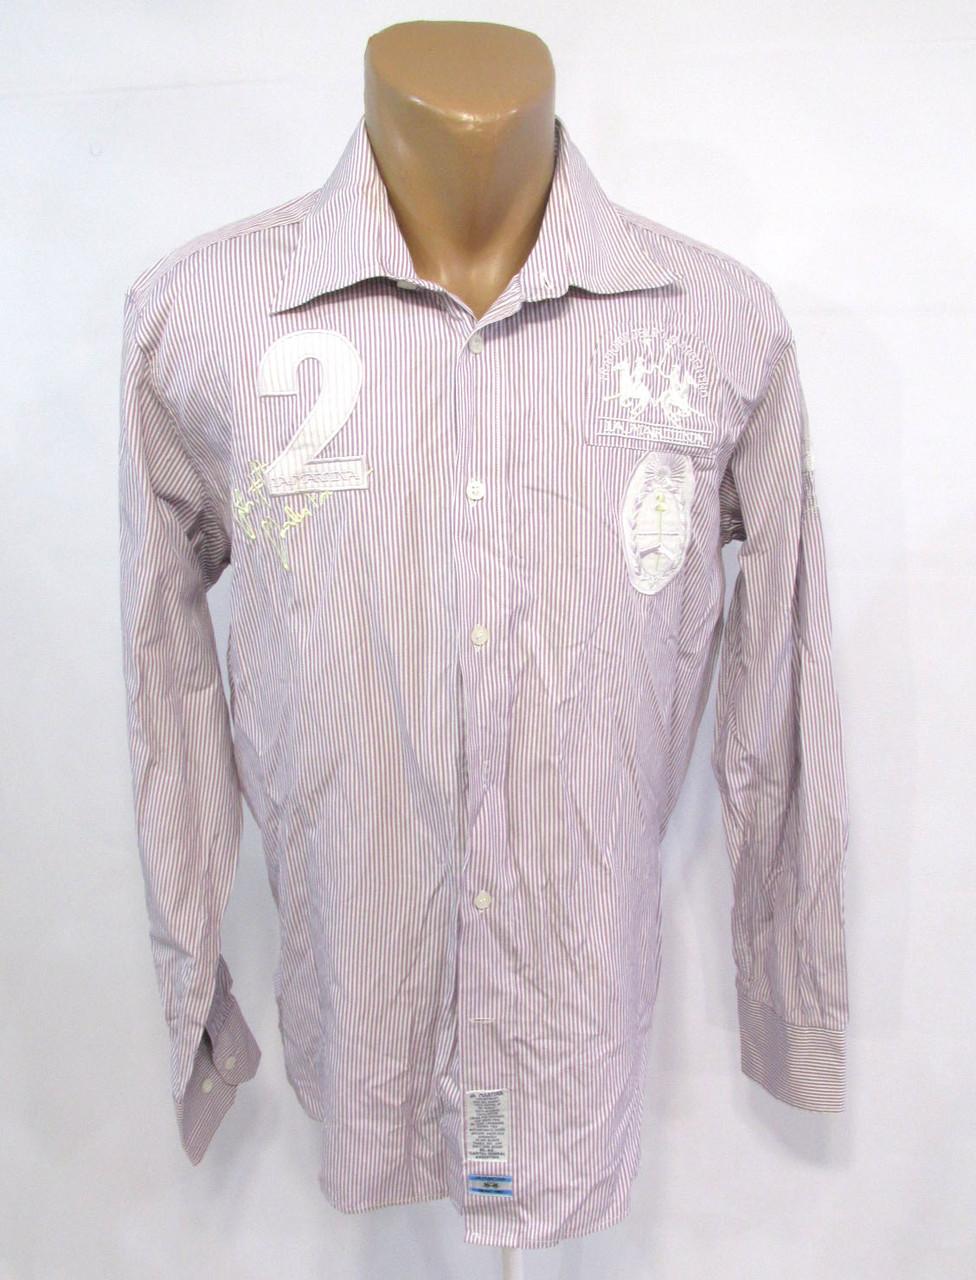 Рубашка La Martina, XL, Оригинальная, Хлопок, Как Новая!